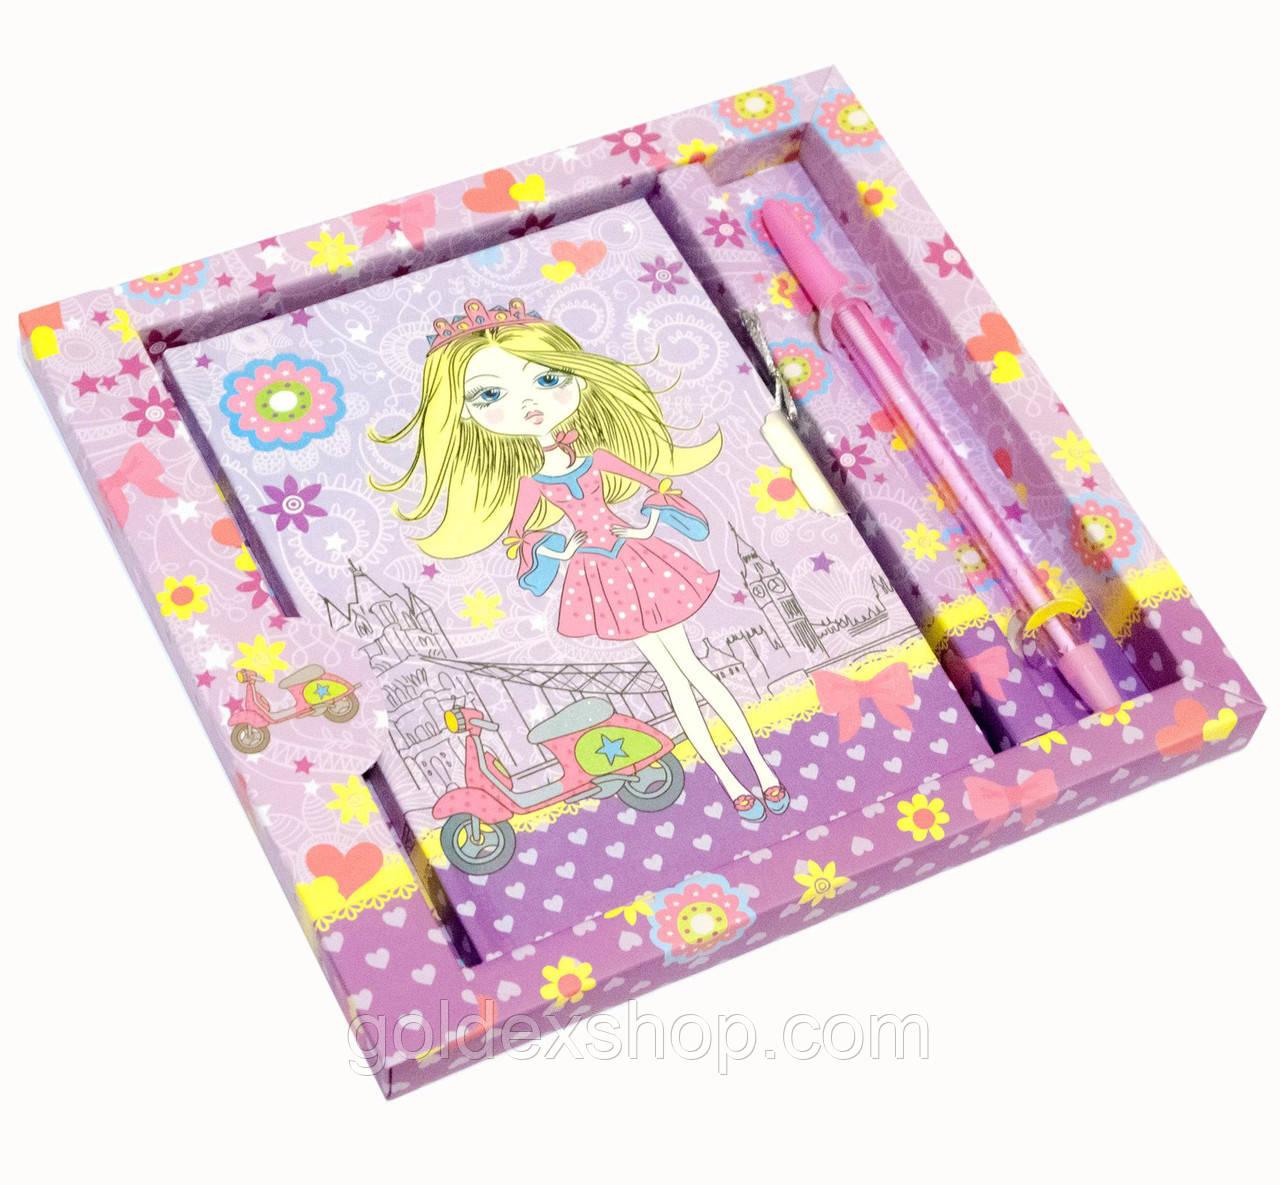 Блокнот с замком для девочек (2 ключа, ручка) (19х18х2 см)